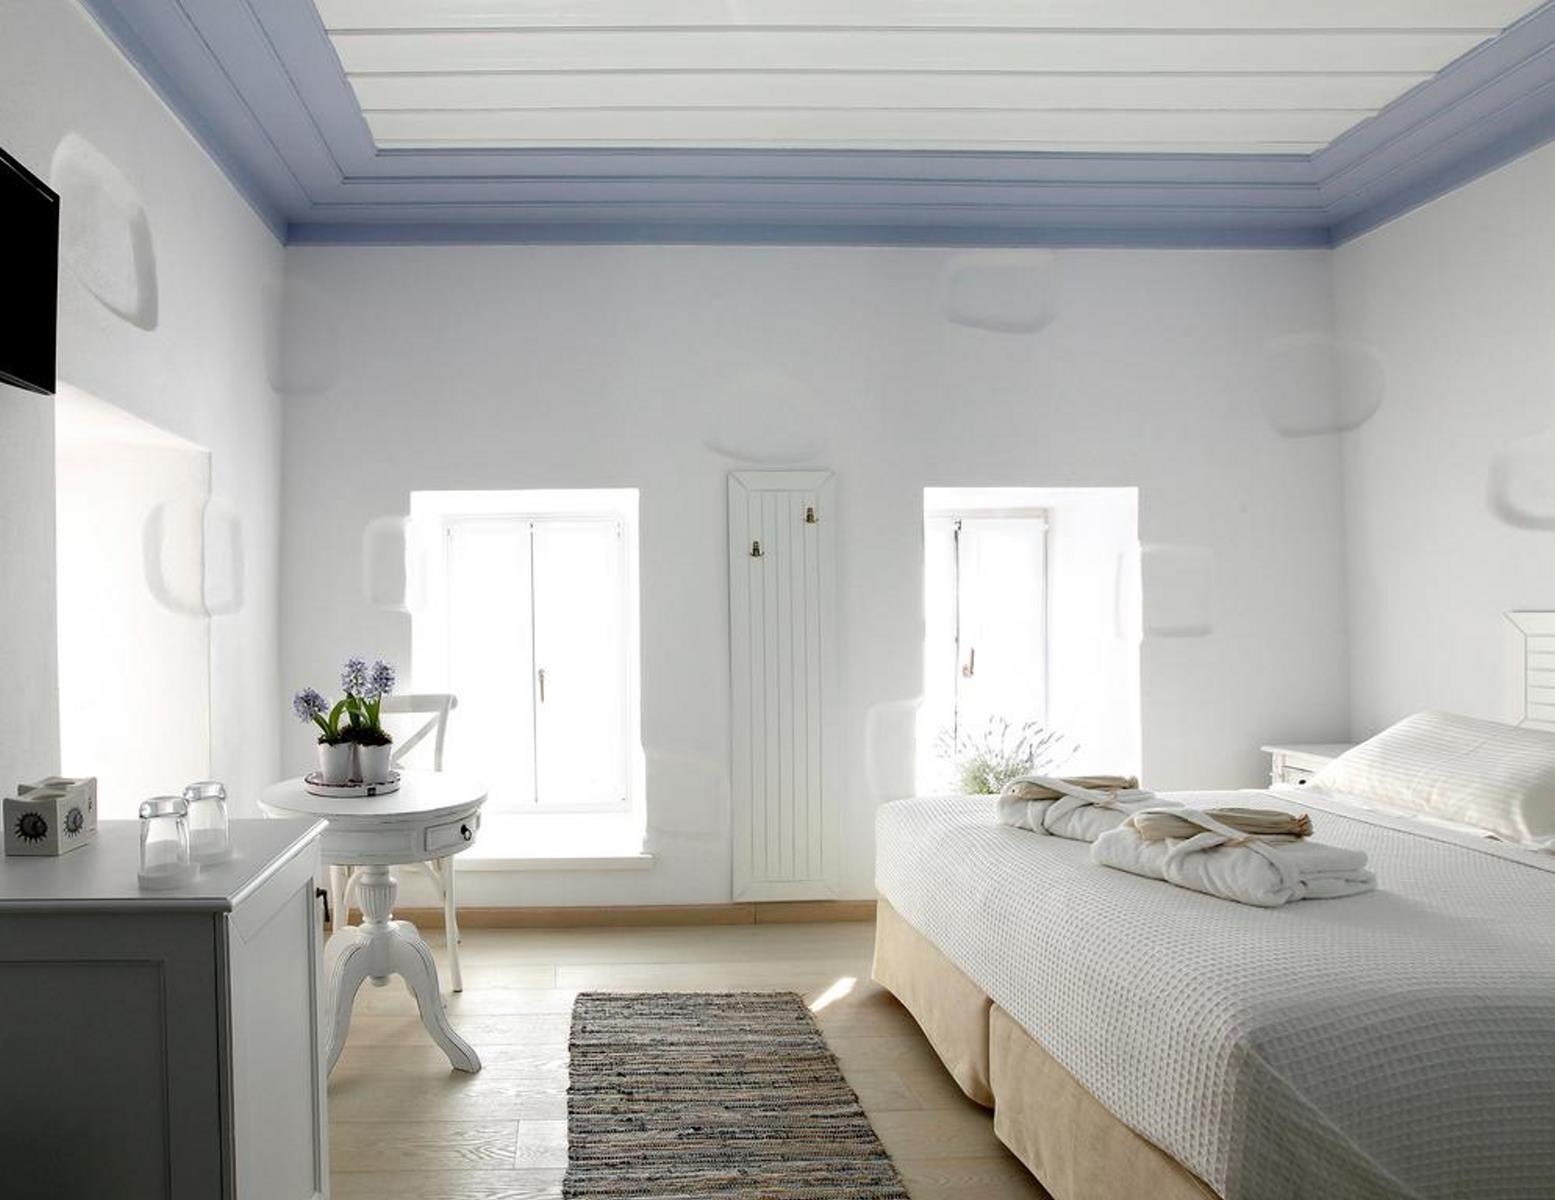 αρχοντικό Ωρολογοπούλου Καστοριά δίκλινο δωμάτιο λευκό